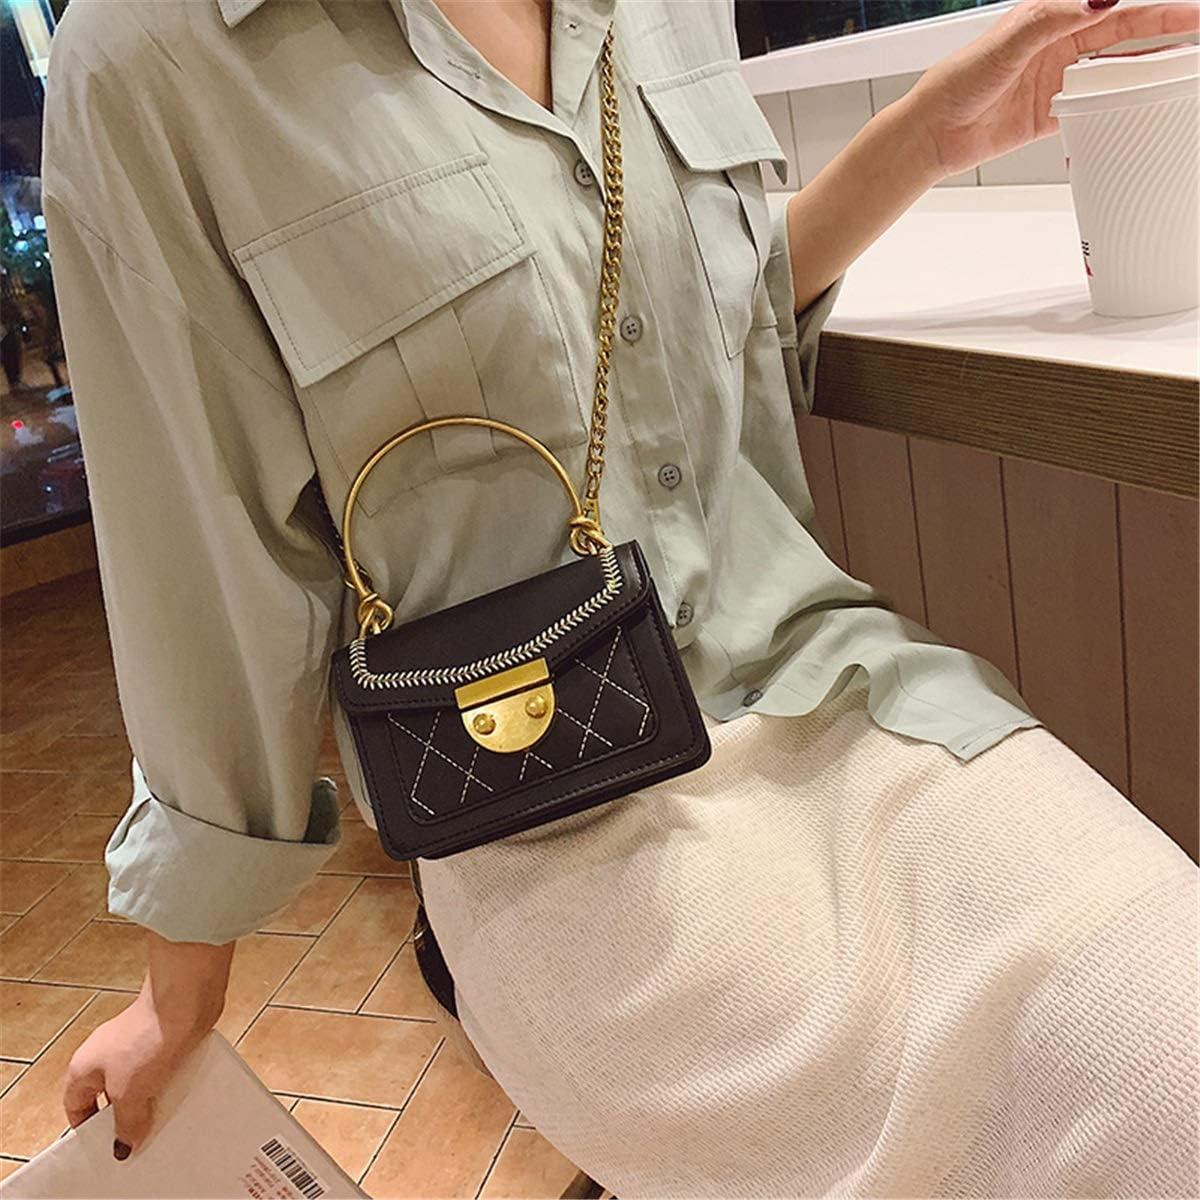 no brand Shoulder Bags Version coréenne de l'épaule Broderie Mode Portable Métal épaule Tendance chaîne Oblique Chic Femmes Sac (Color : Red) Black